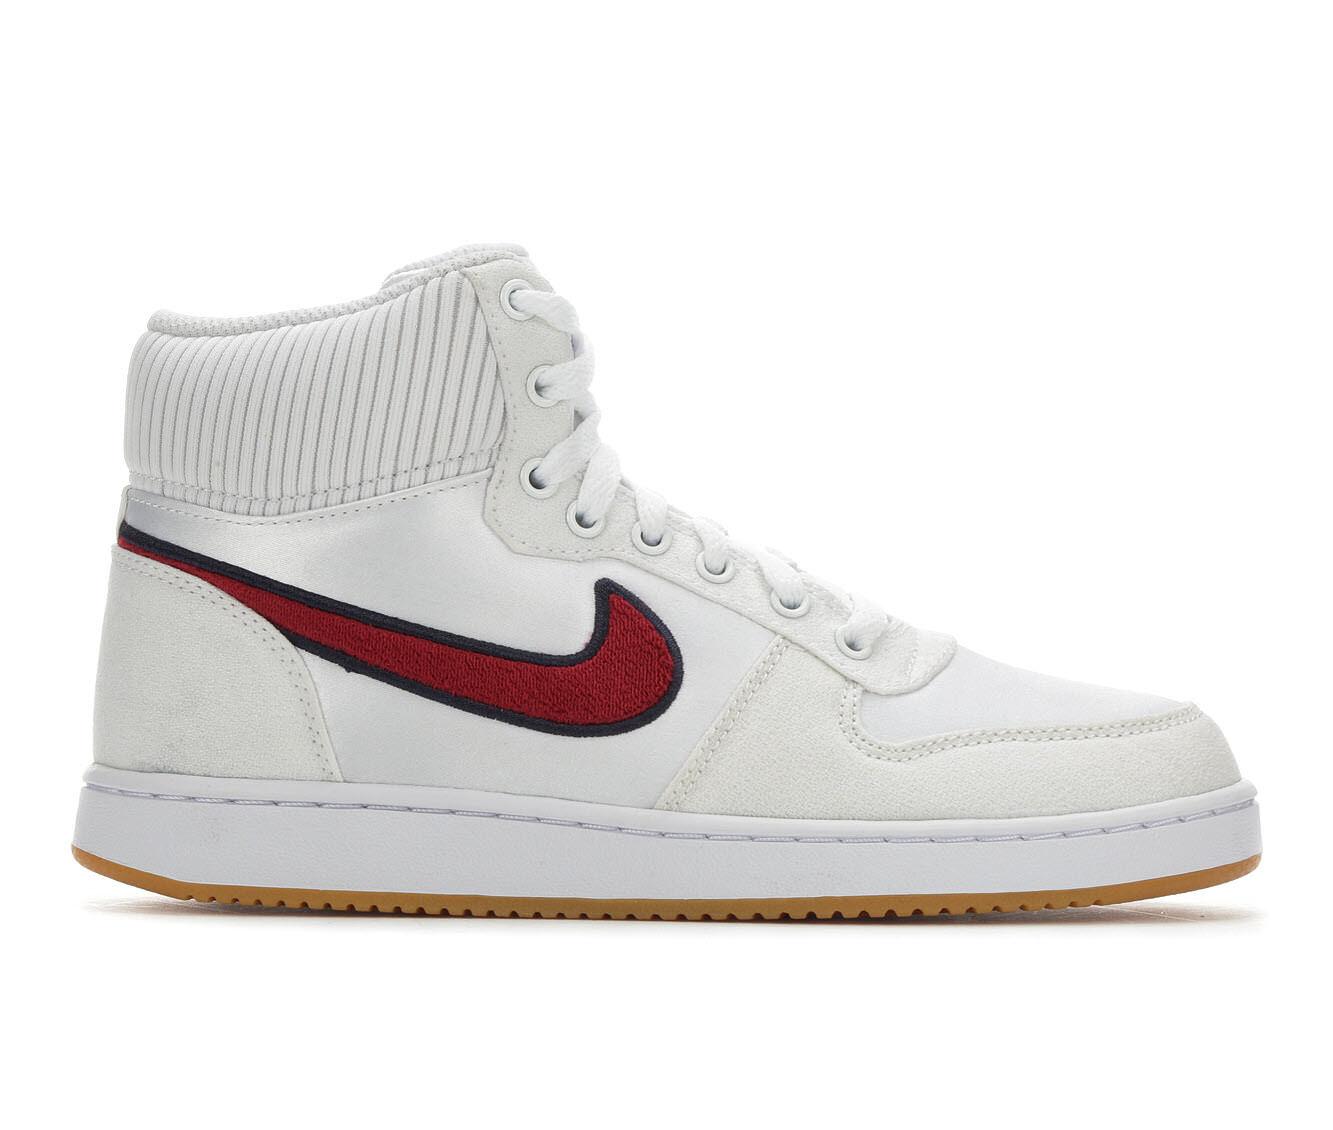 Women's Nike Ebernon Mid Premium Fashion Basketball Shoes